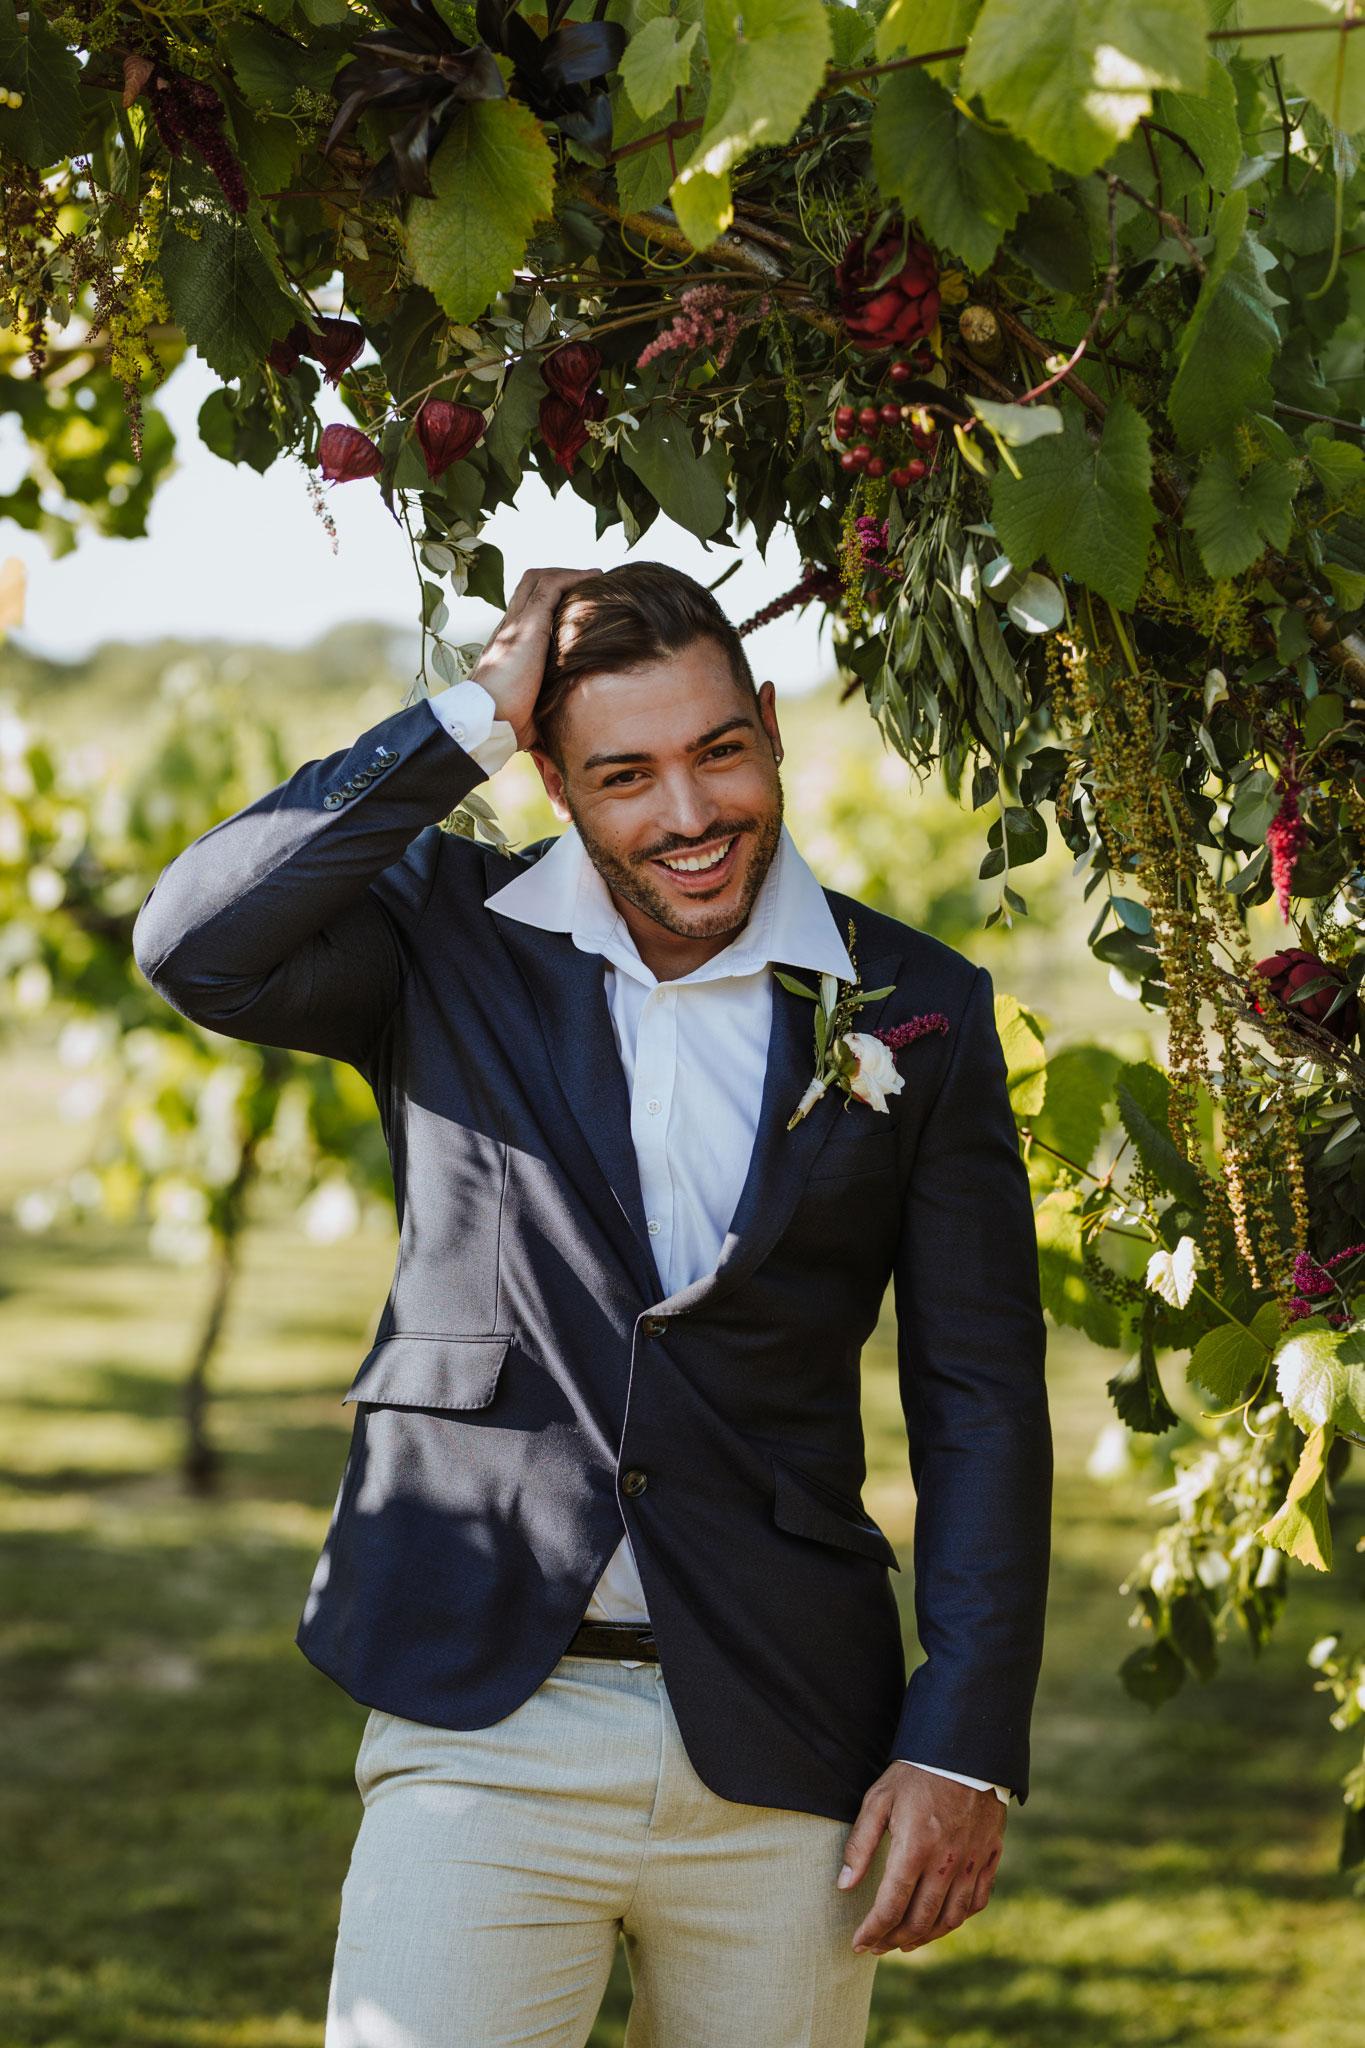 Floral arch, wedding arch, wedding flowers, vineyard, groom